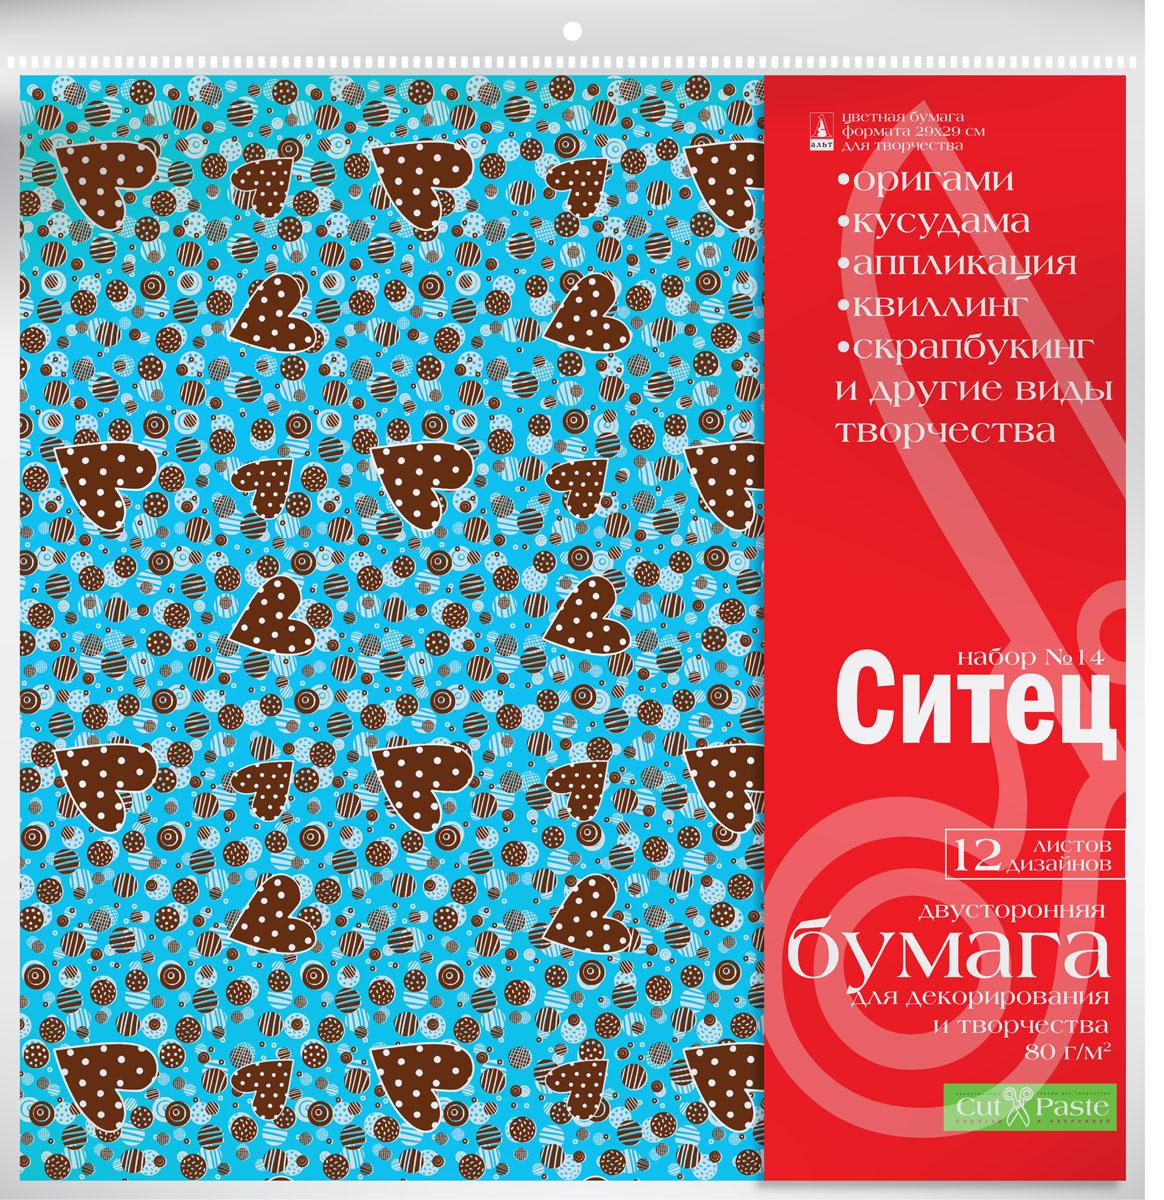 Альт Бумага для декорирования и творчества Ситец Набор №14 12 листов 29 см х 29 см